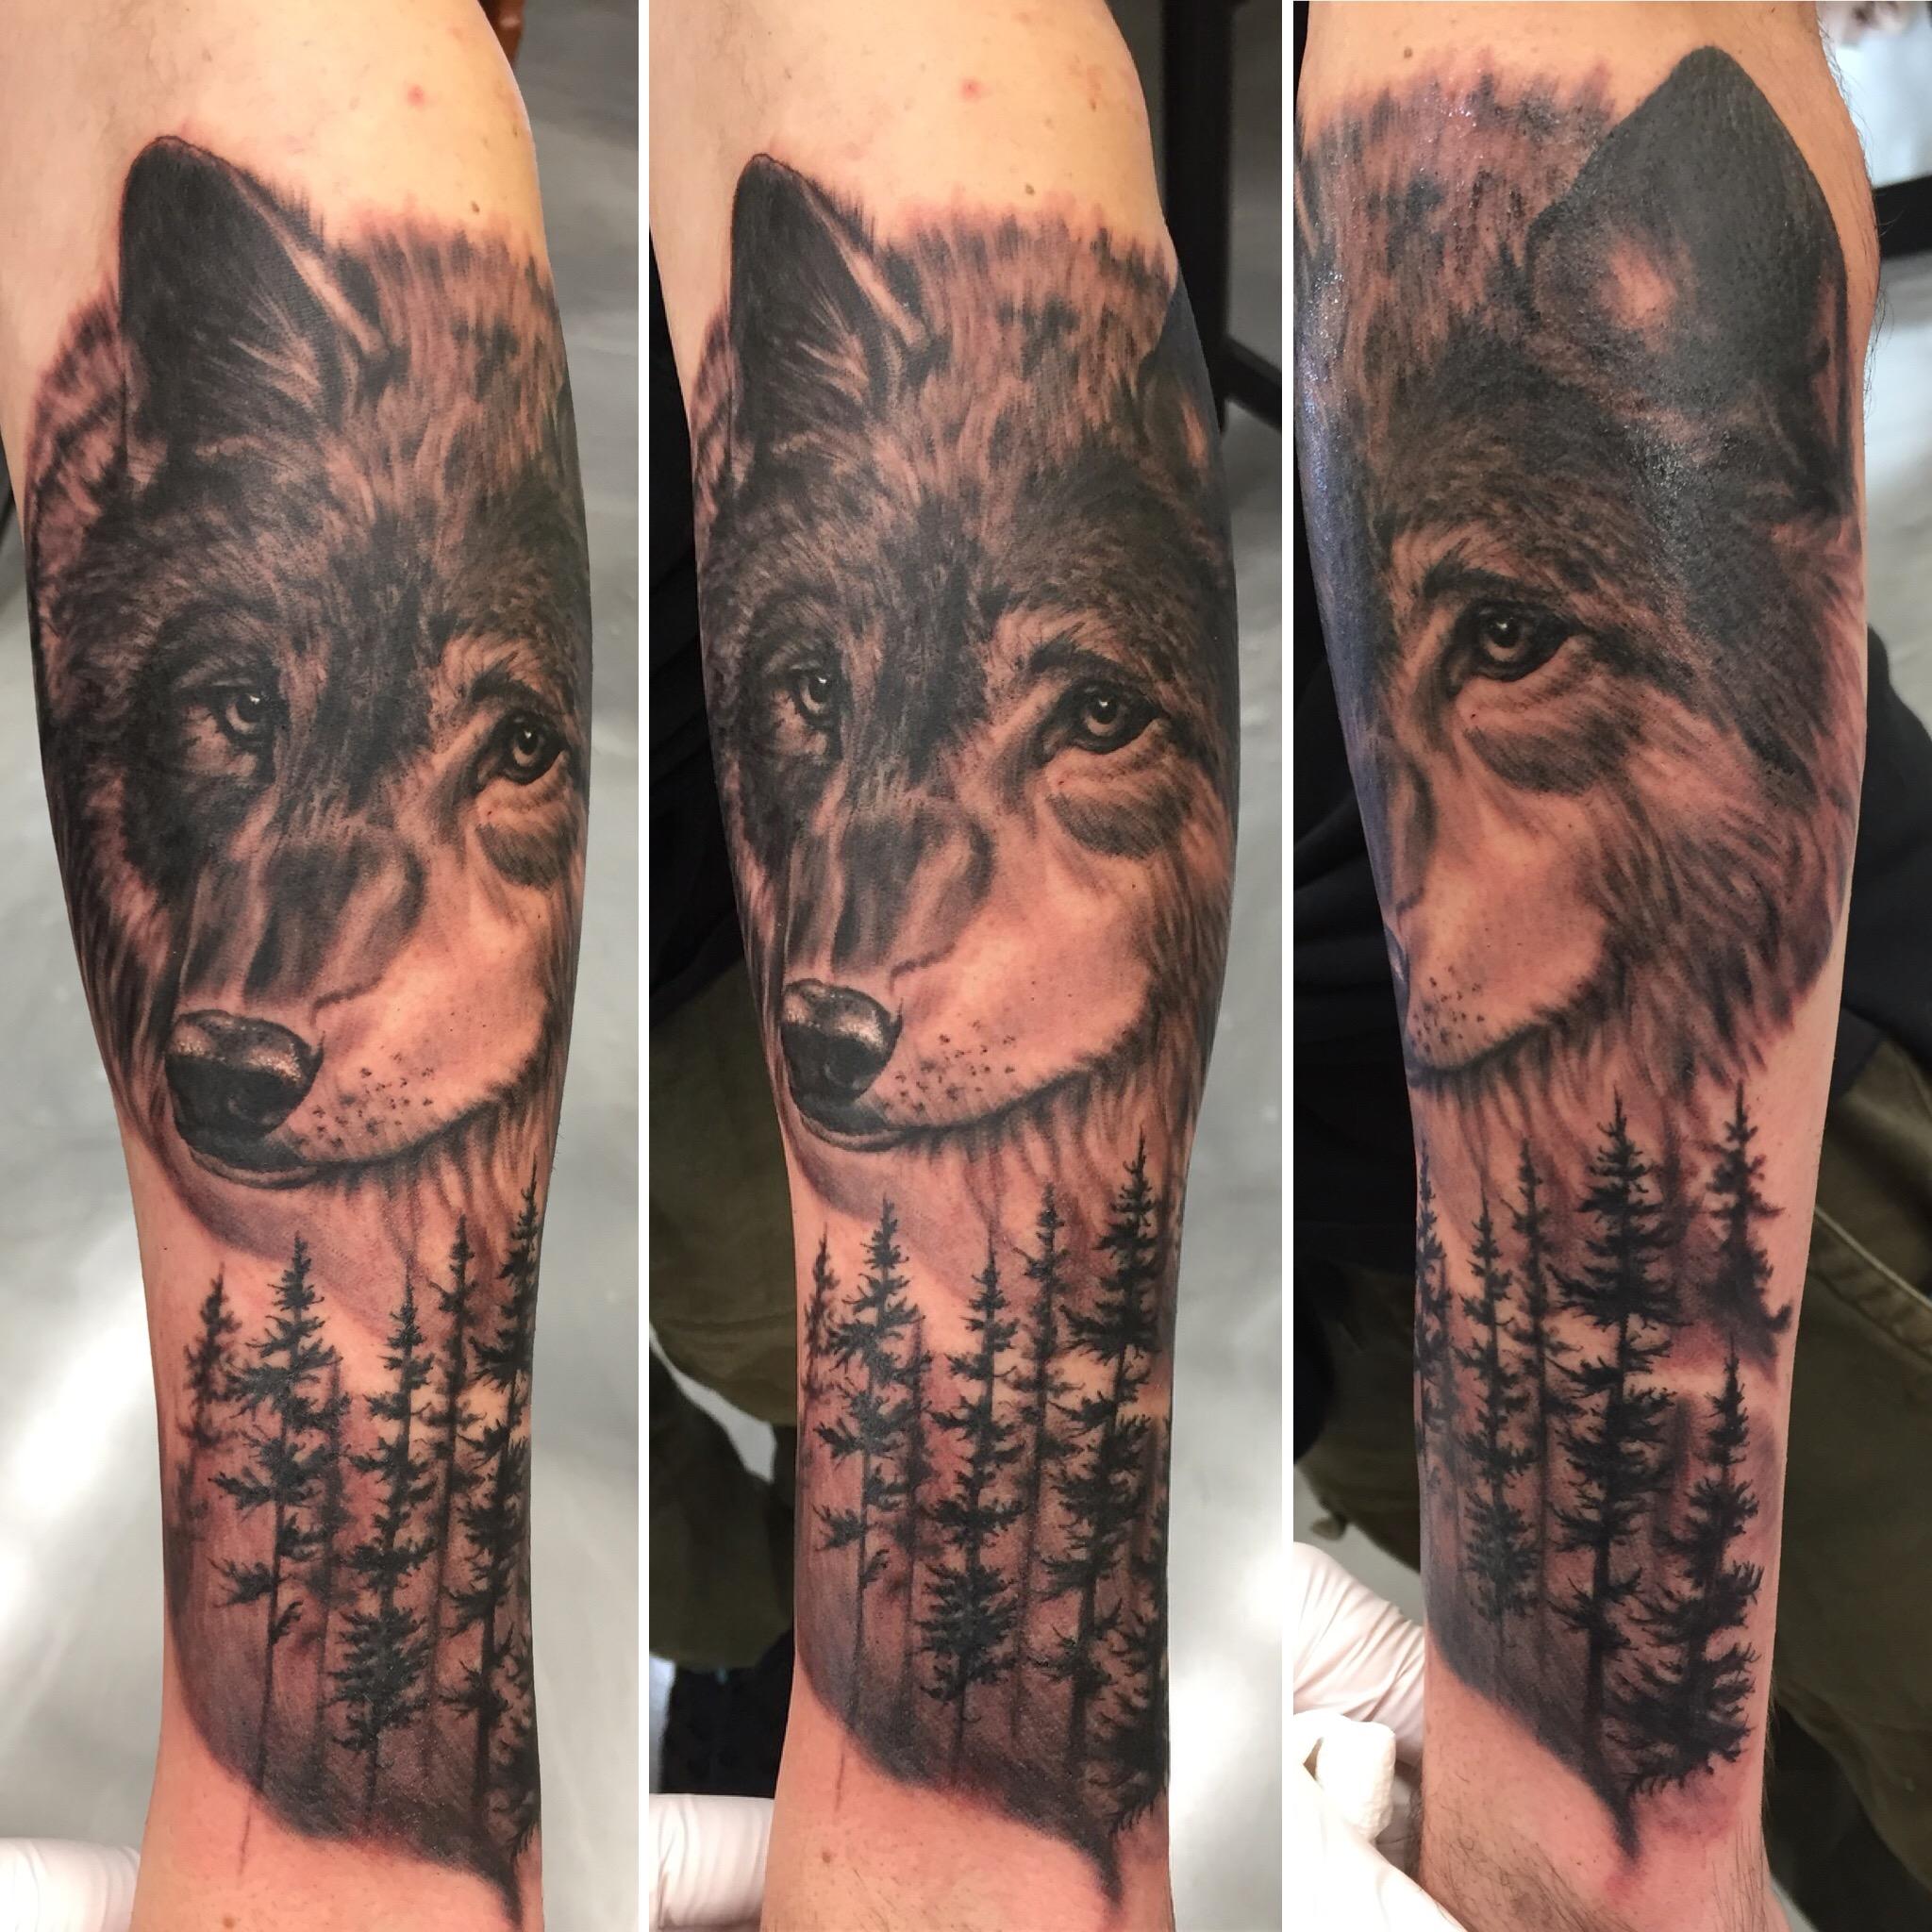 Brooke Roberts Tattoo 2019 Okanagan Tattoo Show & Brewfest Artist